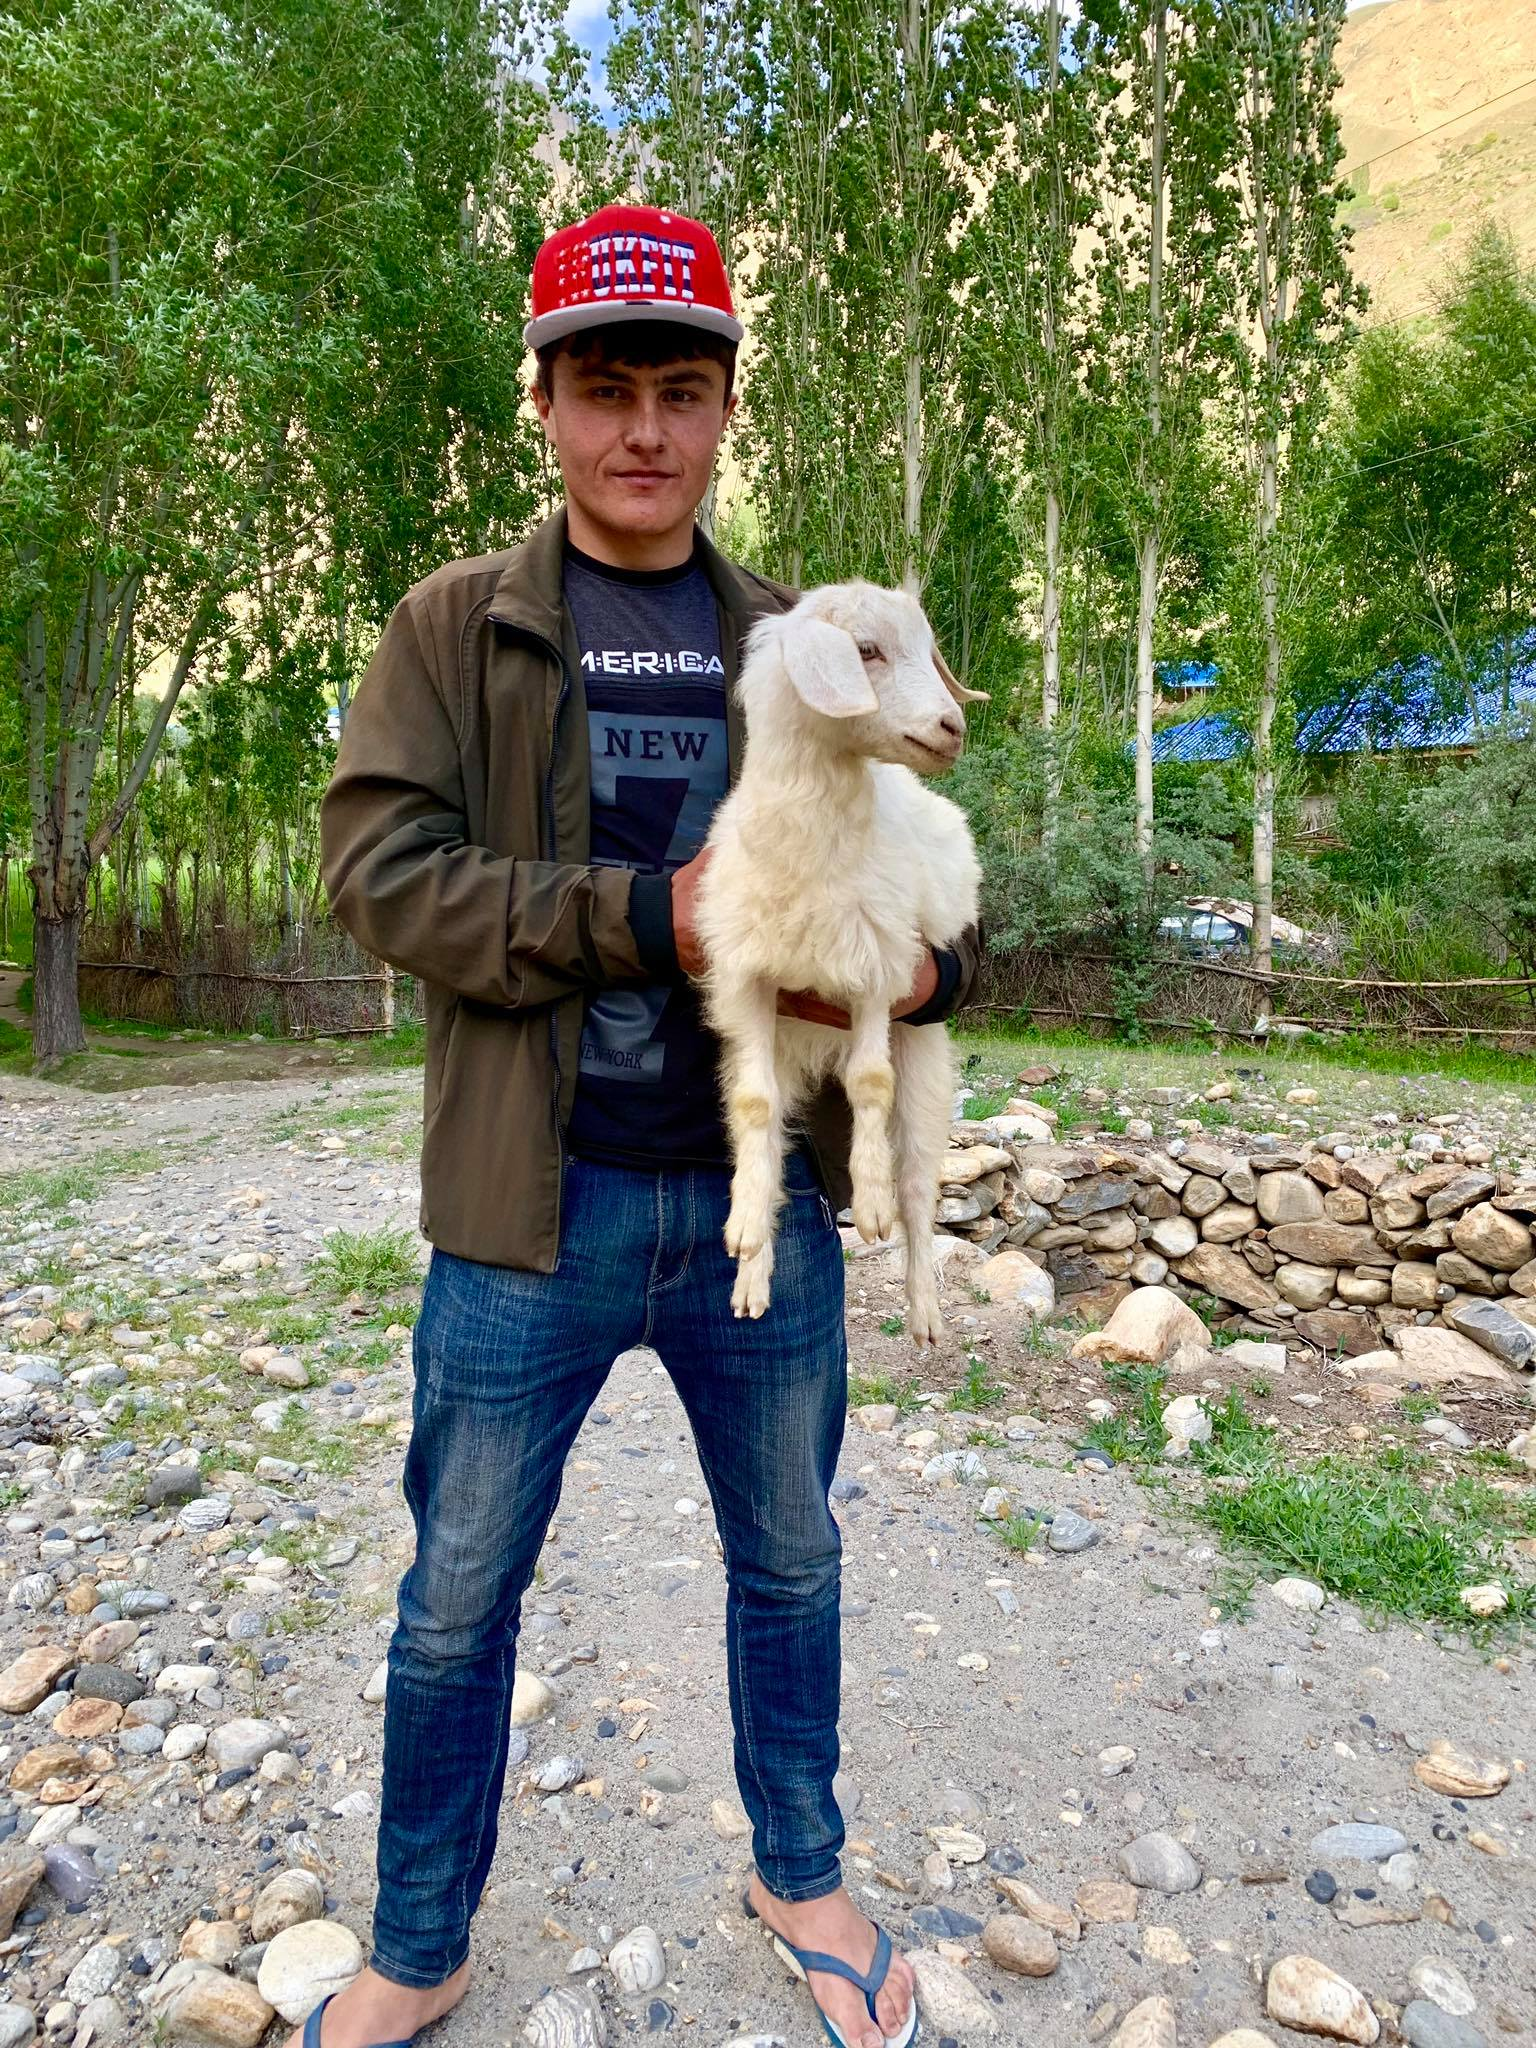 Kach Solo Travels in 2019 Pamir Highway Trip in Tajikistan32.jpg